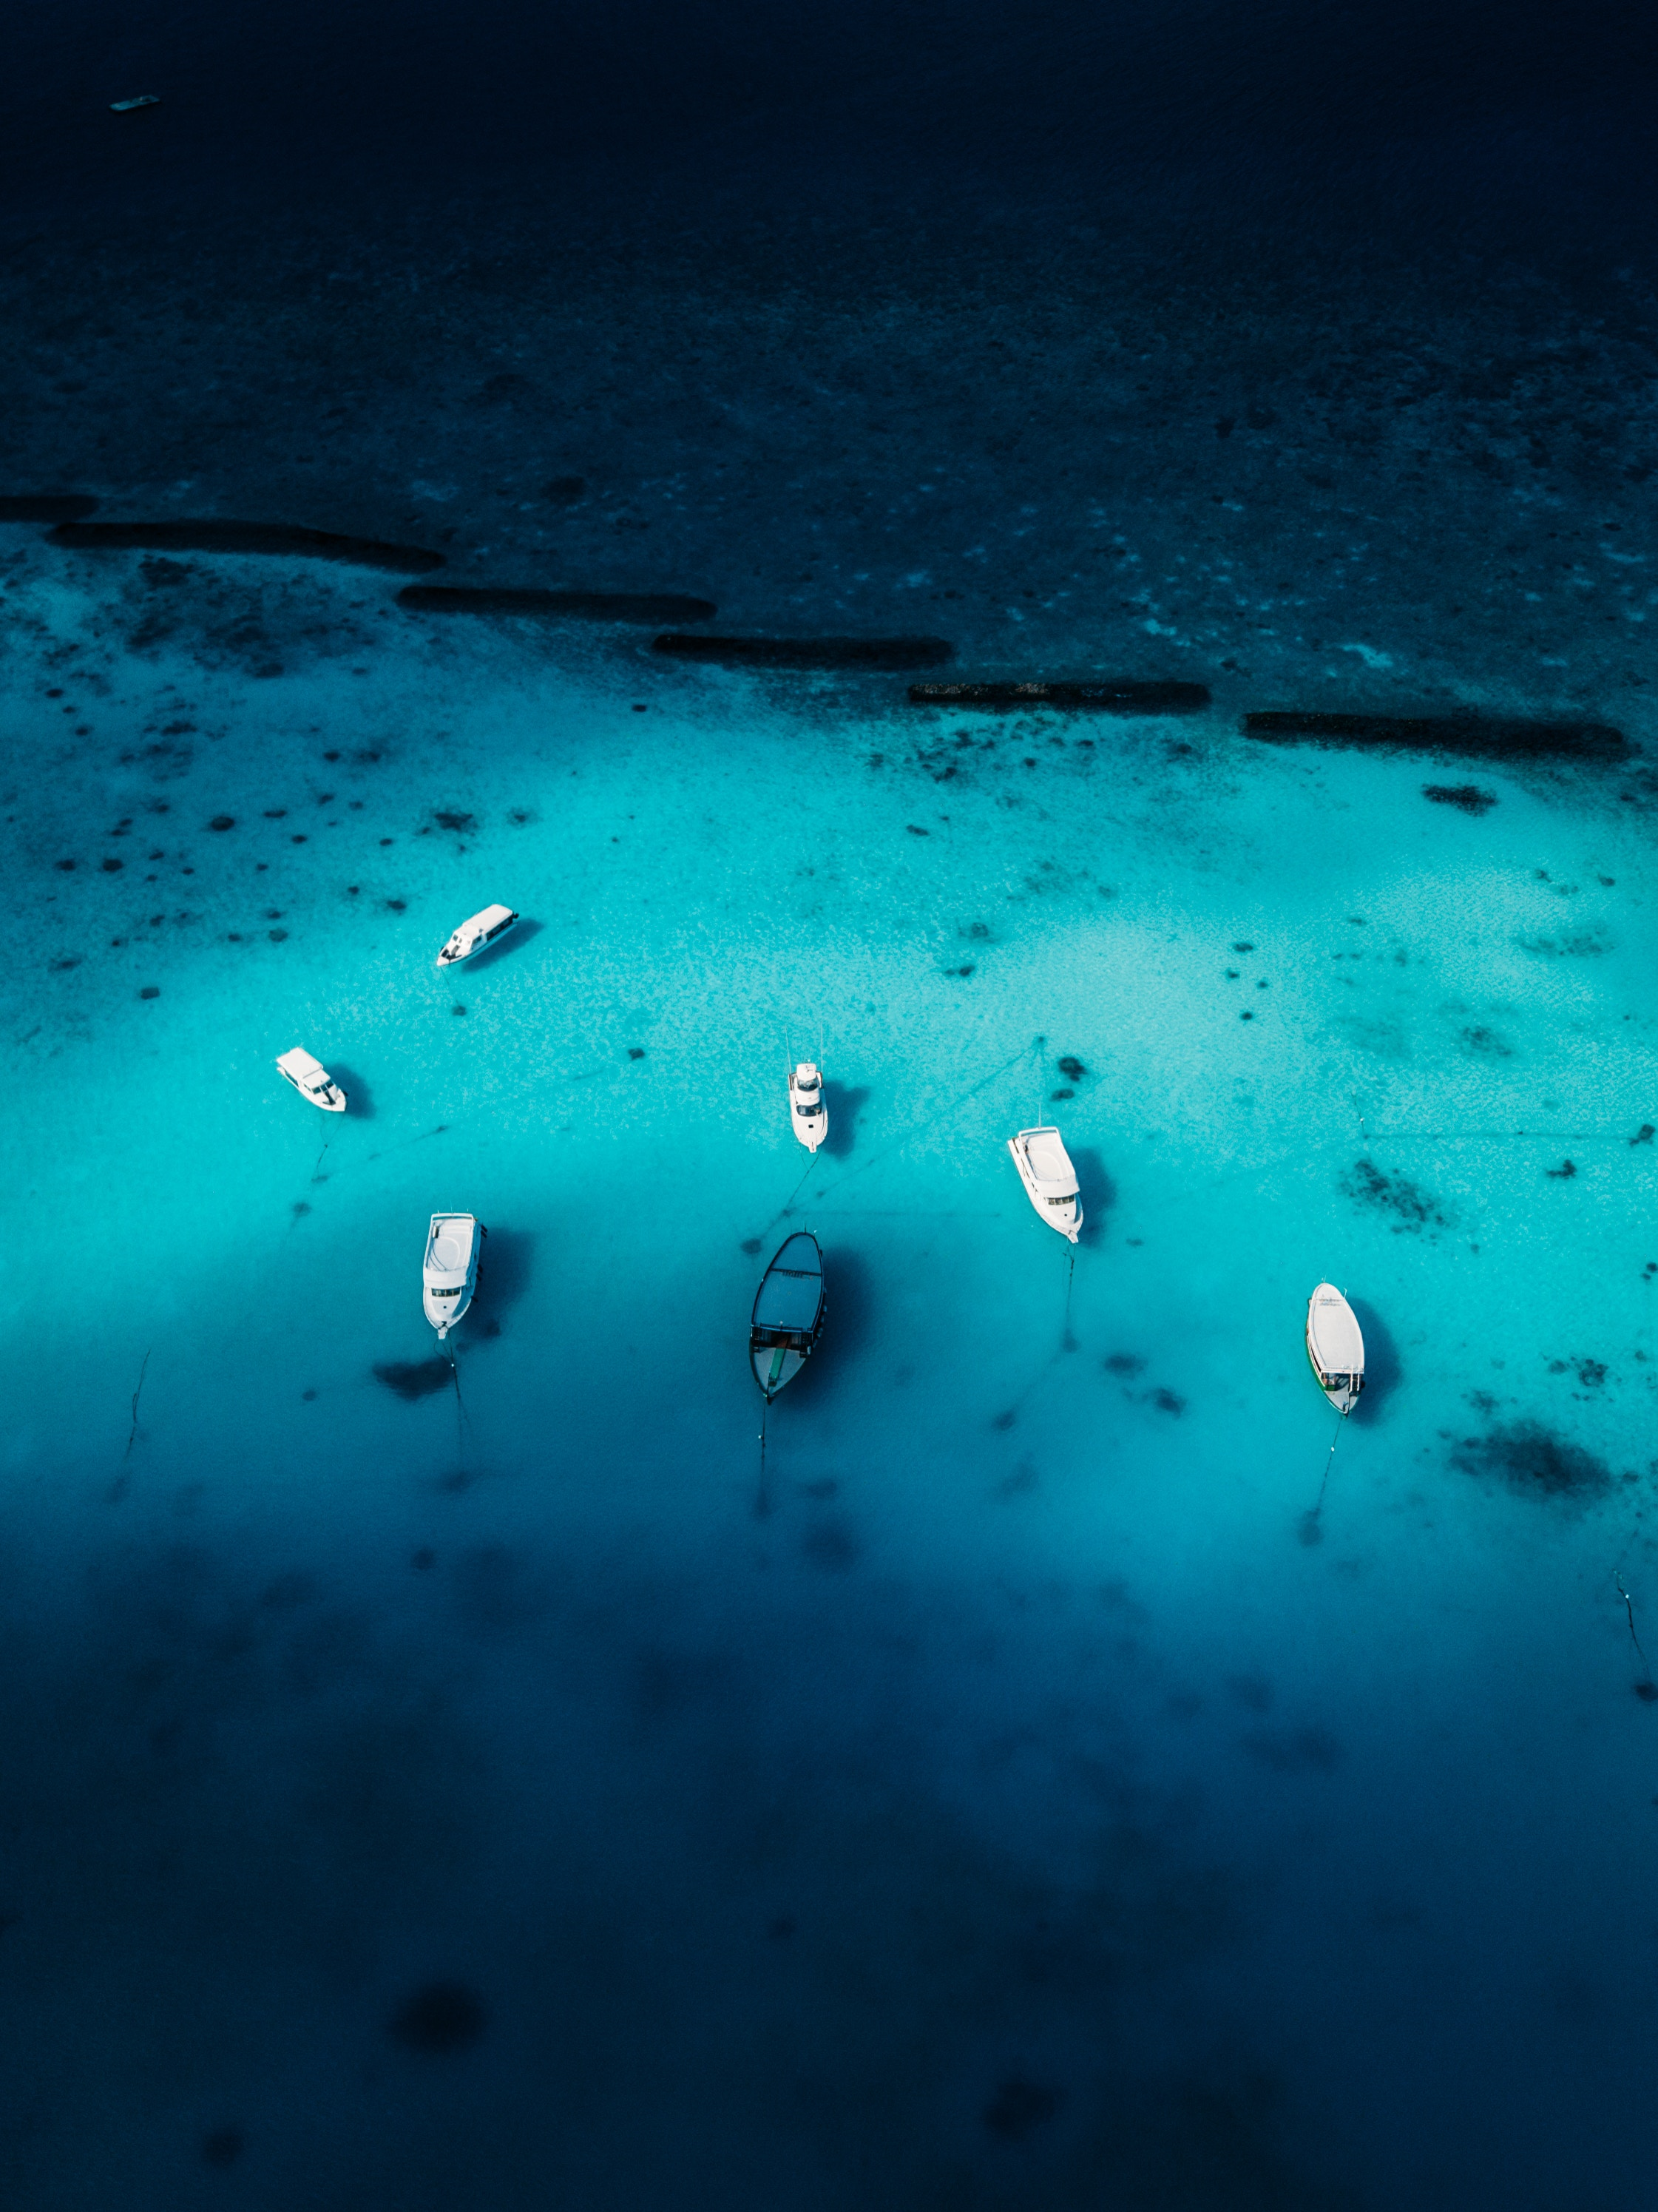 105125 Заставки и Обои Яхты на телефон. Скачать Природа, Лодки, Вид Сверху, Океан, Яхты картинки бесплатно